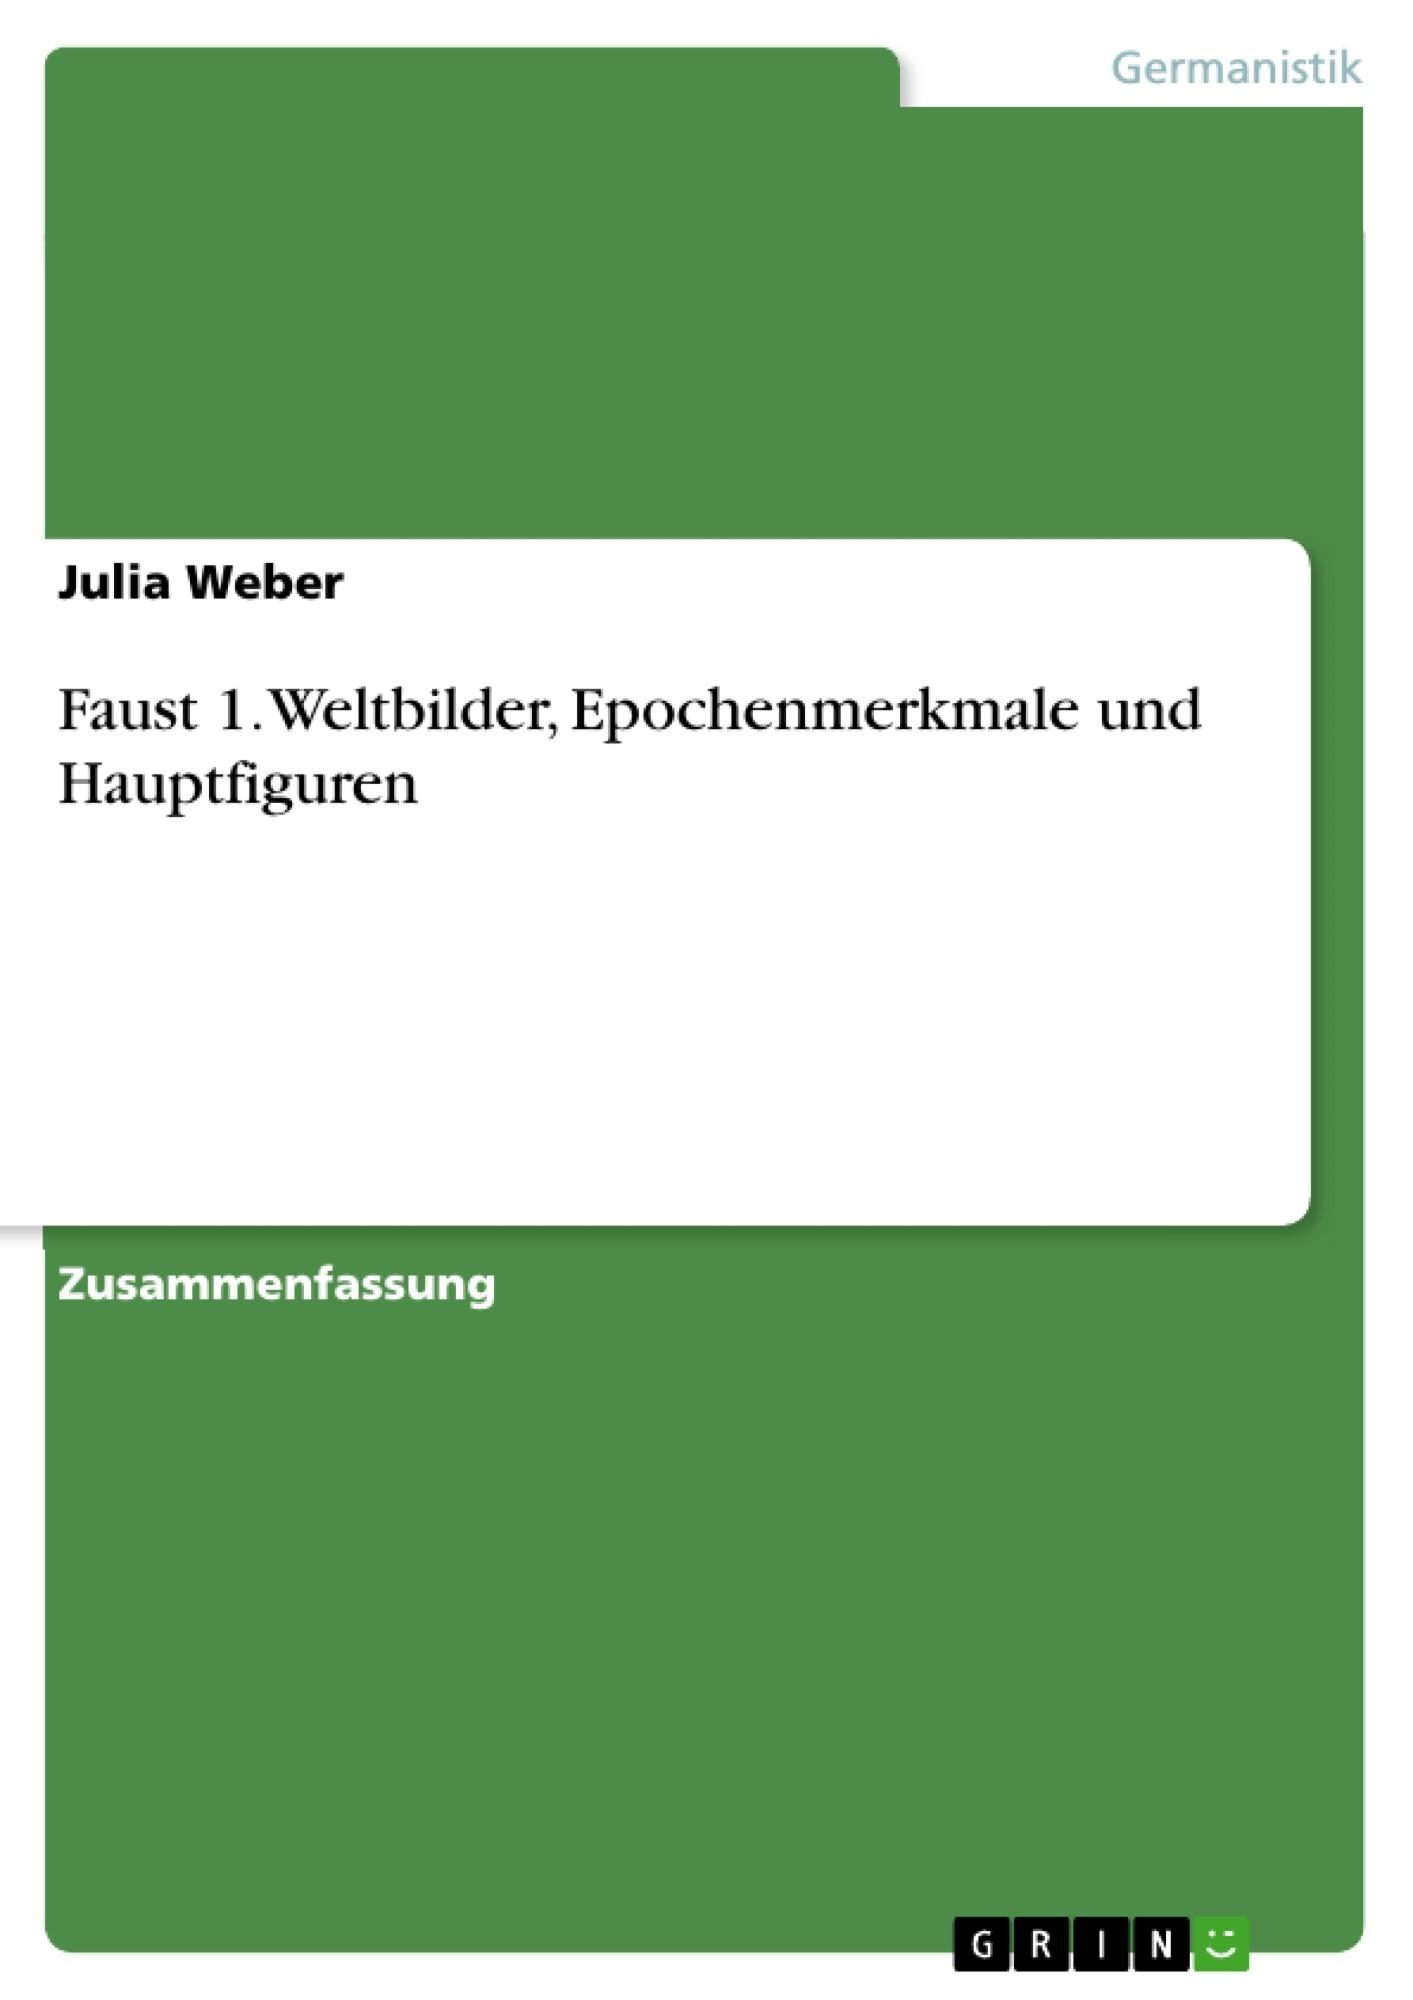 Titel: Faust 1. Weltbilder, Epochenmerkmale und Hauptfiguren